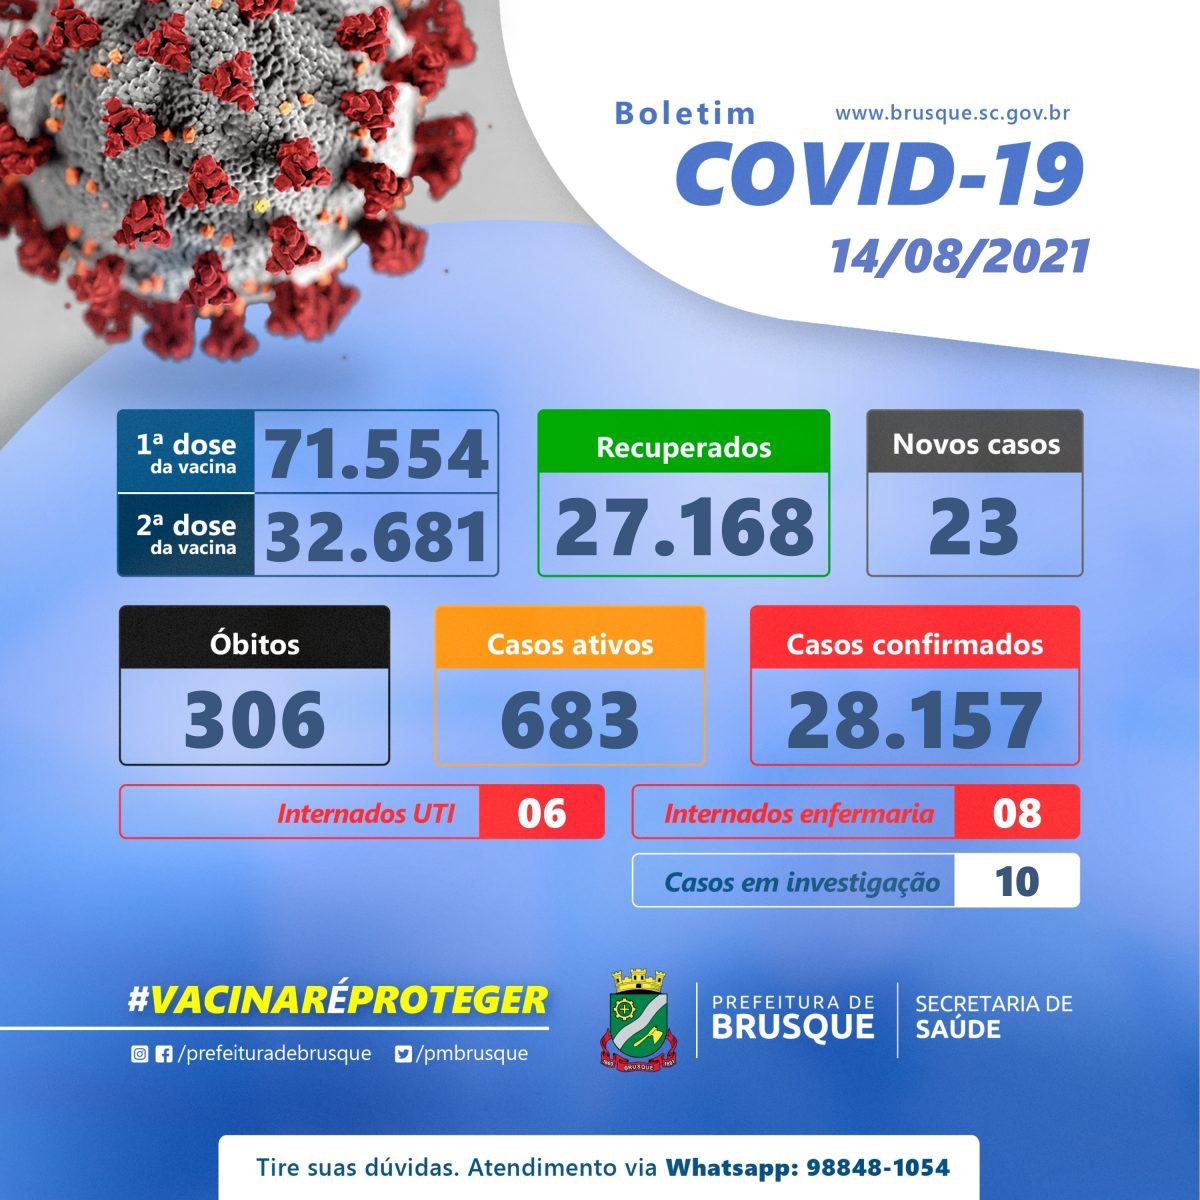 Covid-19: Confira o boletim epidemiológico deste sábado (14)